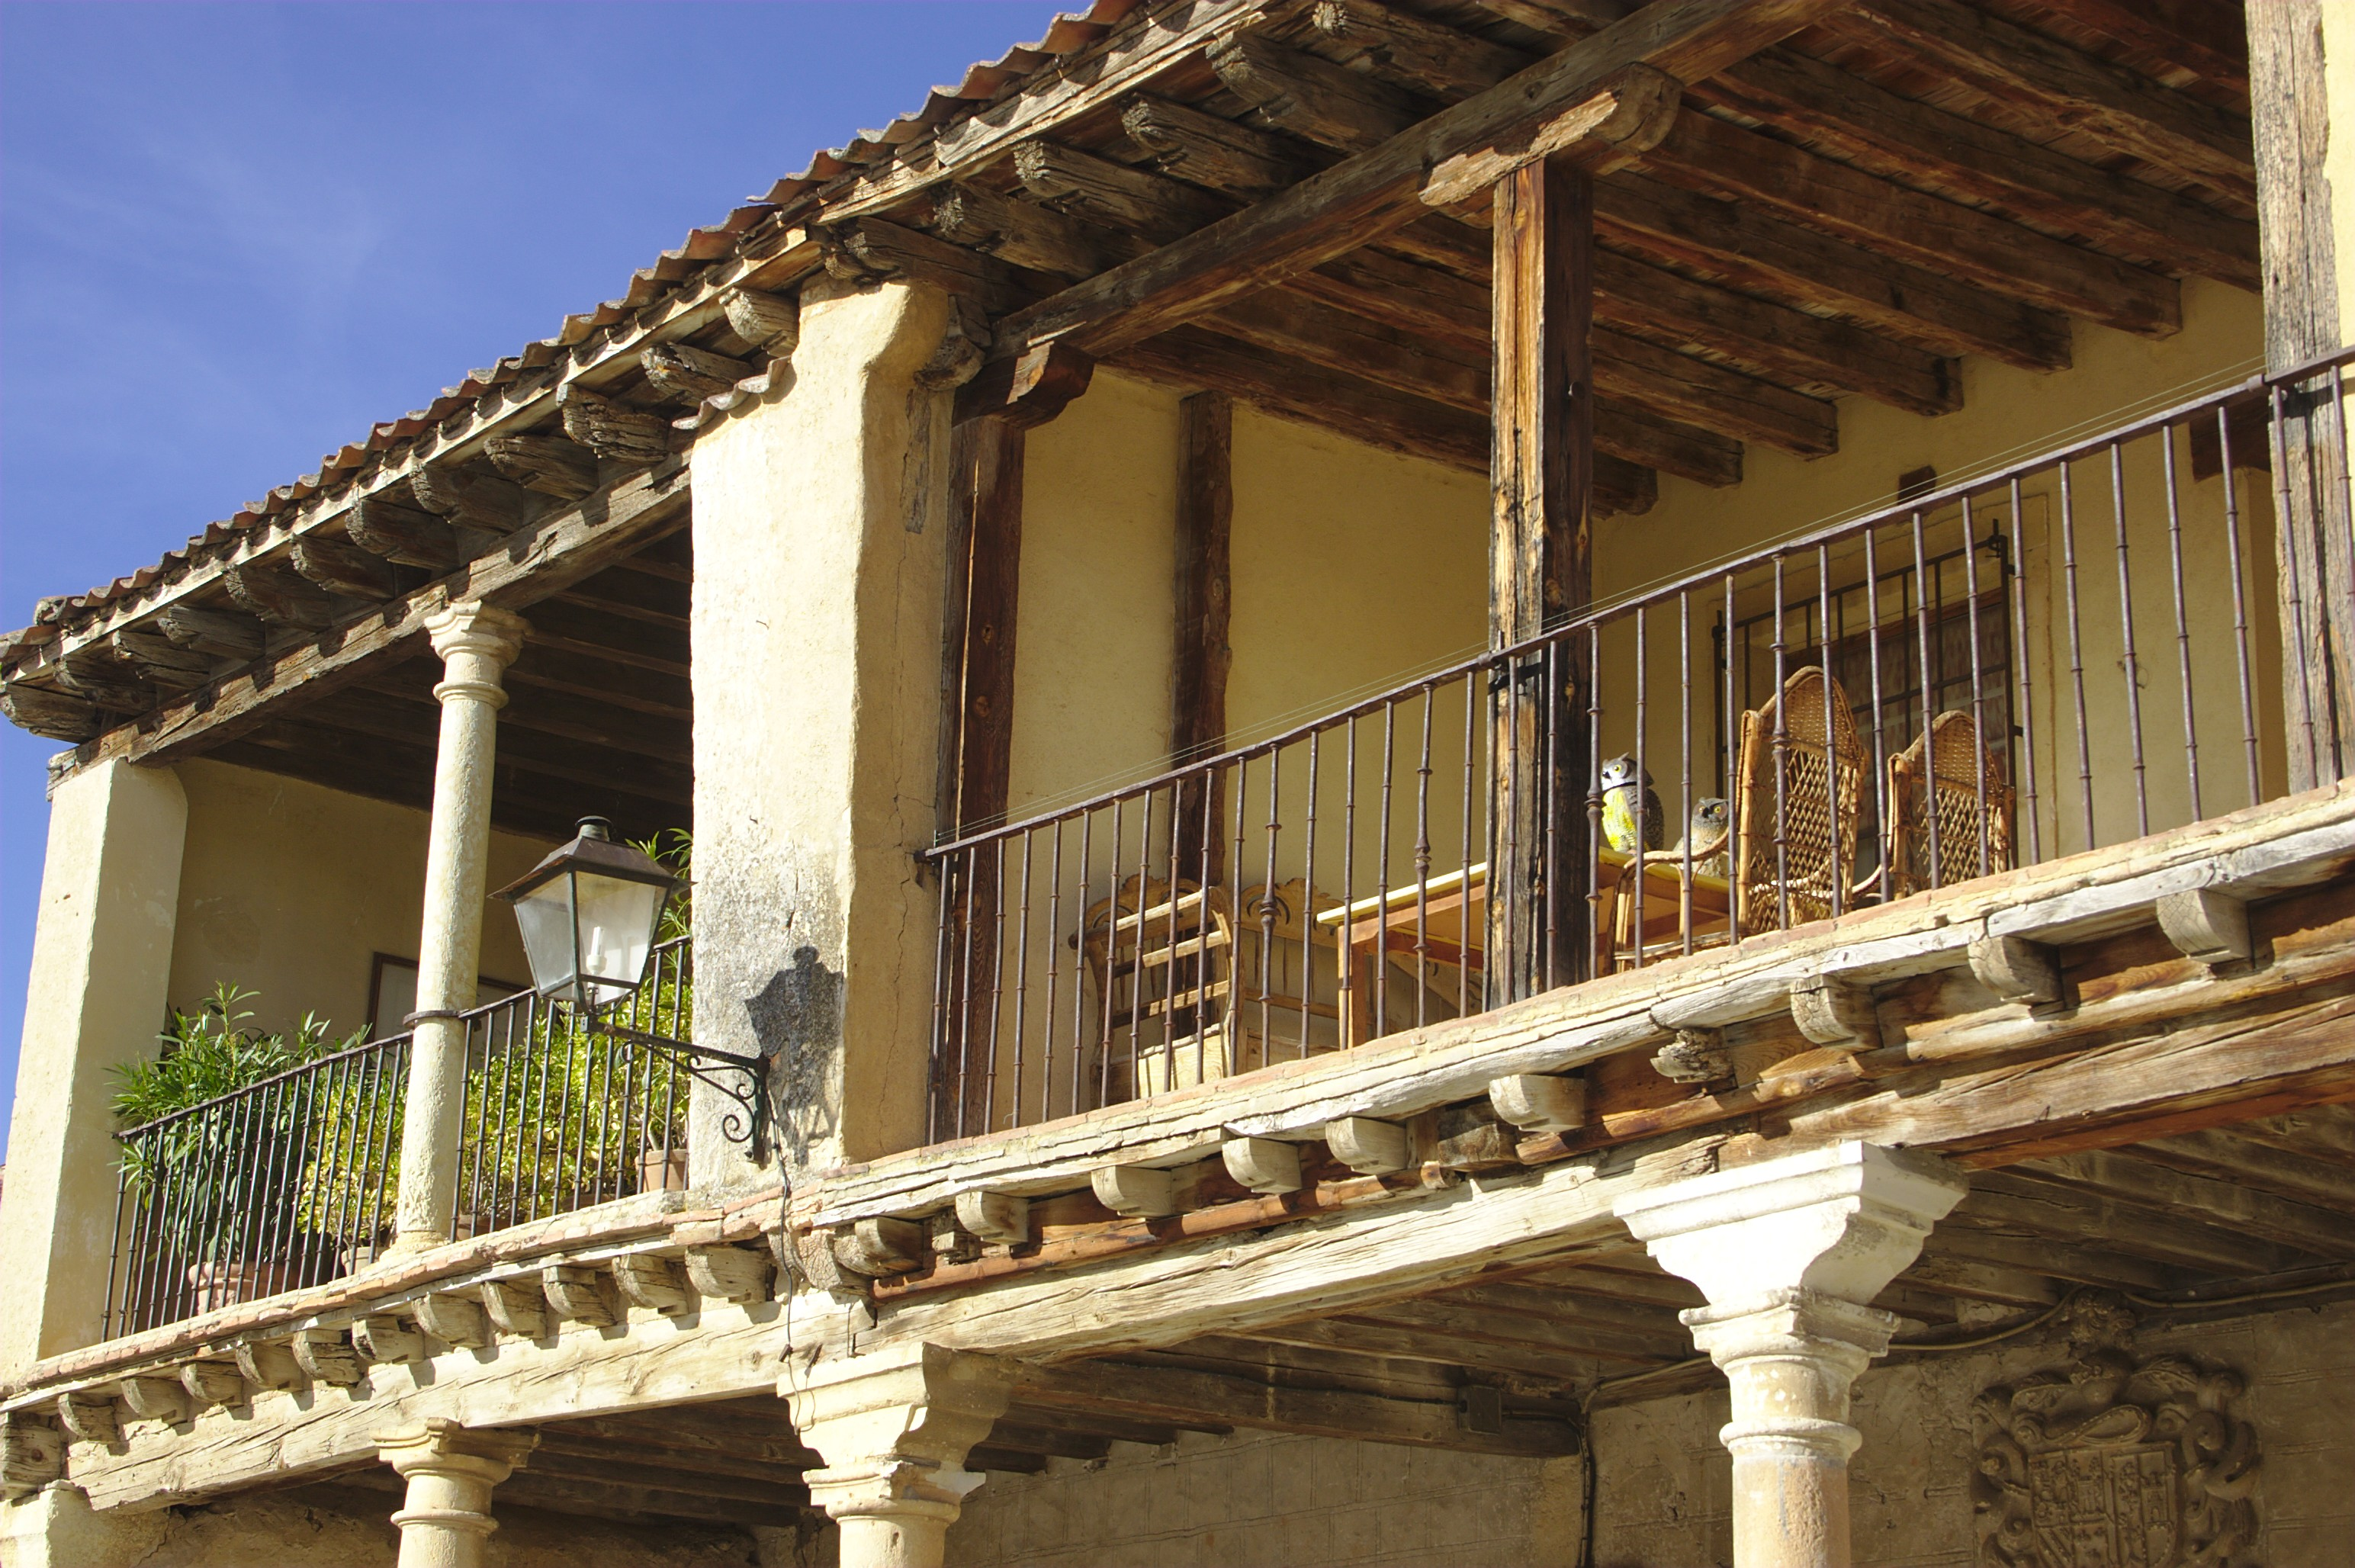 Pedraza, turismo rural de película